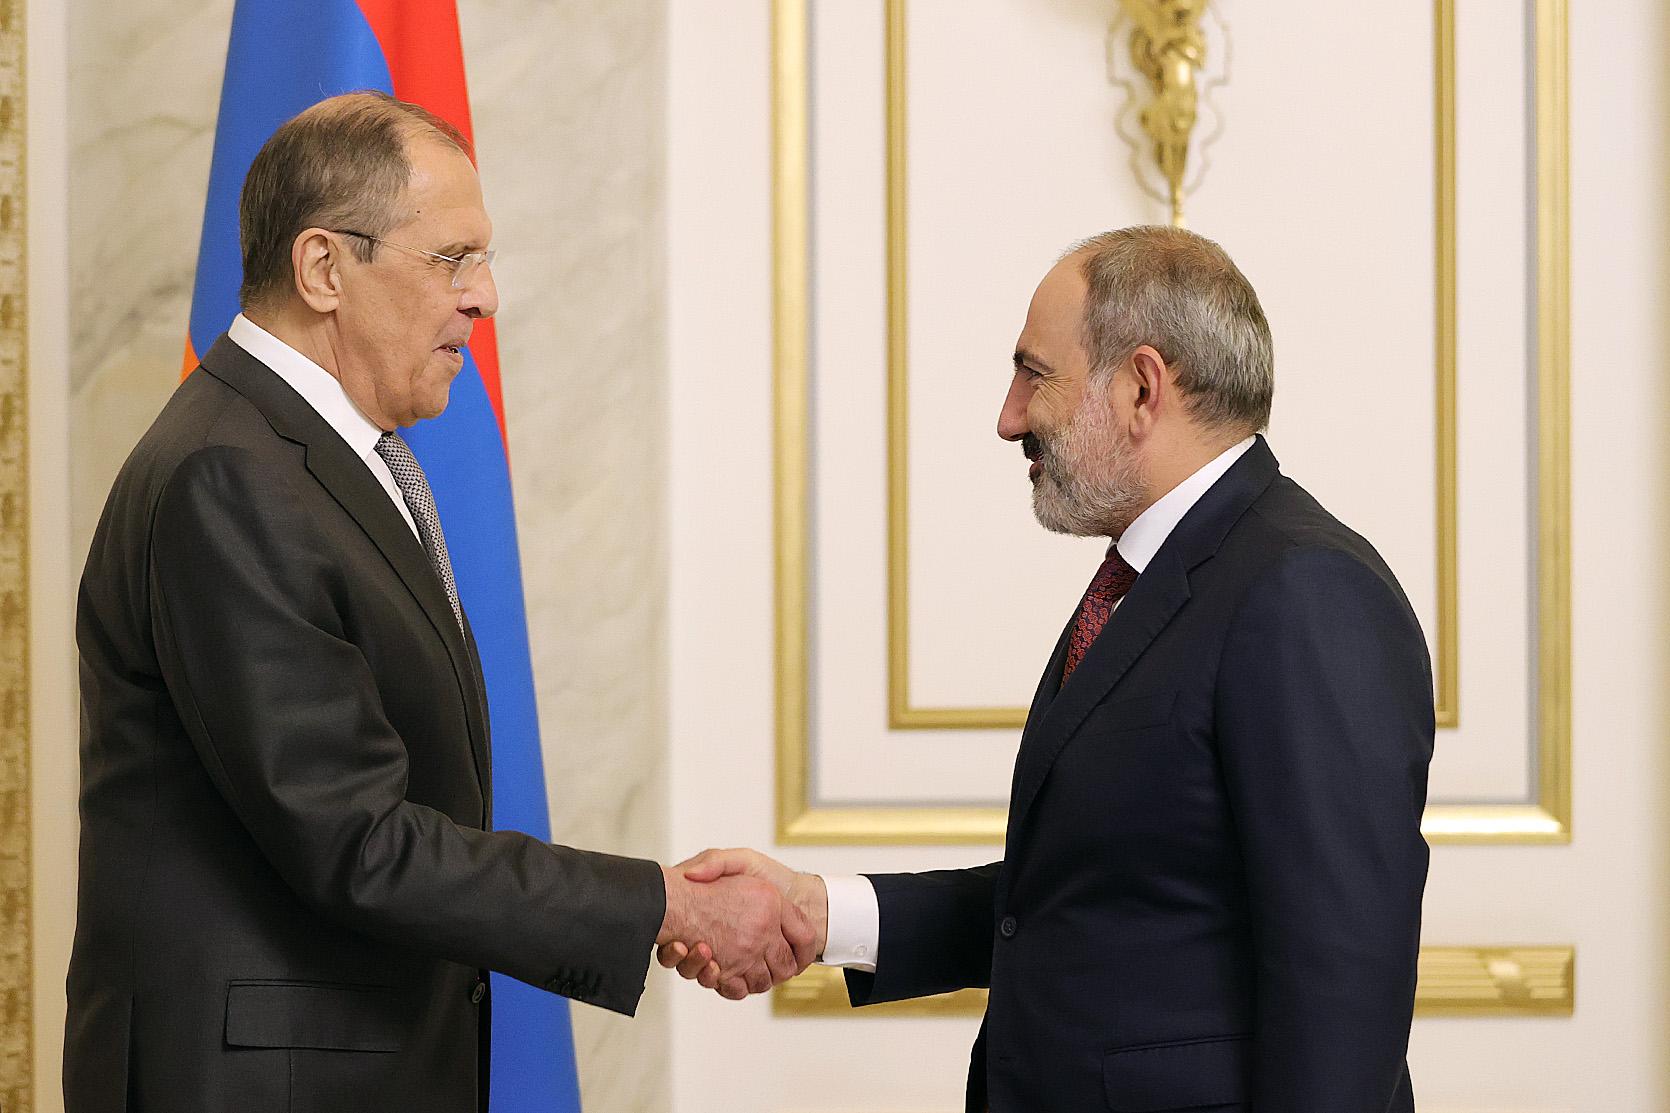 Россия и Армения подтвердили сохранение твердого настроя на укрепление союзнических отношений, выступающих важным фактором мира и стабильности на Южном Кавказе | МИД РОССИИ